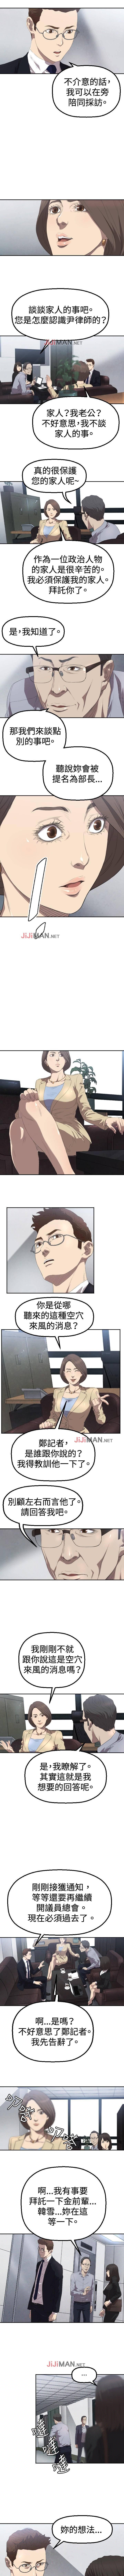 【已完结】索多玛俱乐部(作者:何藝媛&庫奈尼) 第1~32话 13